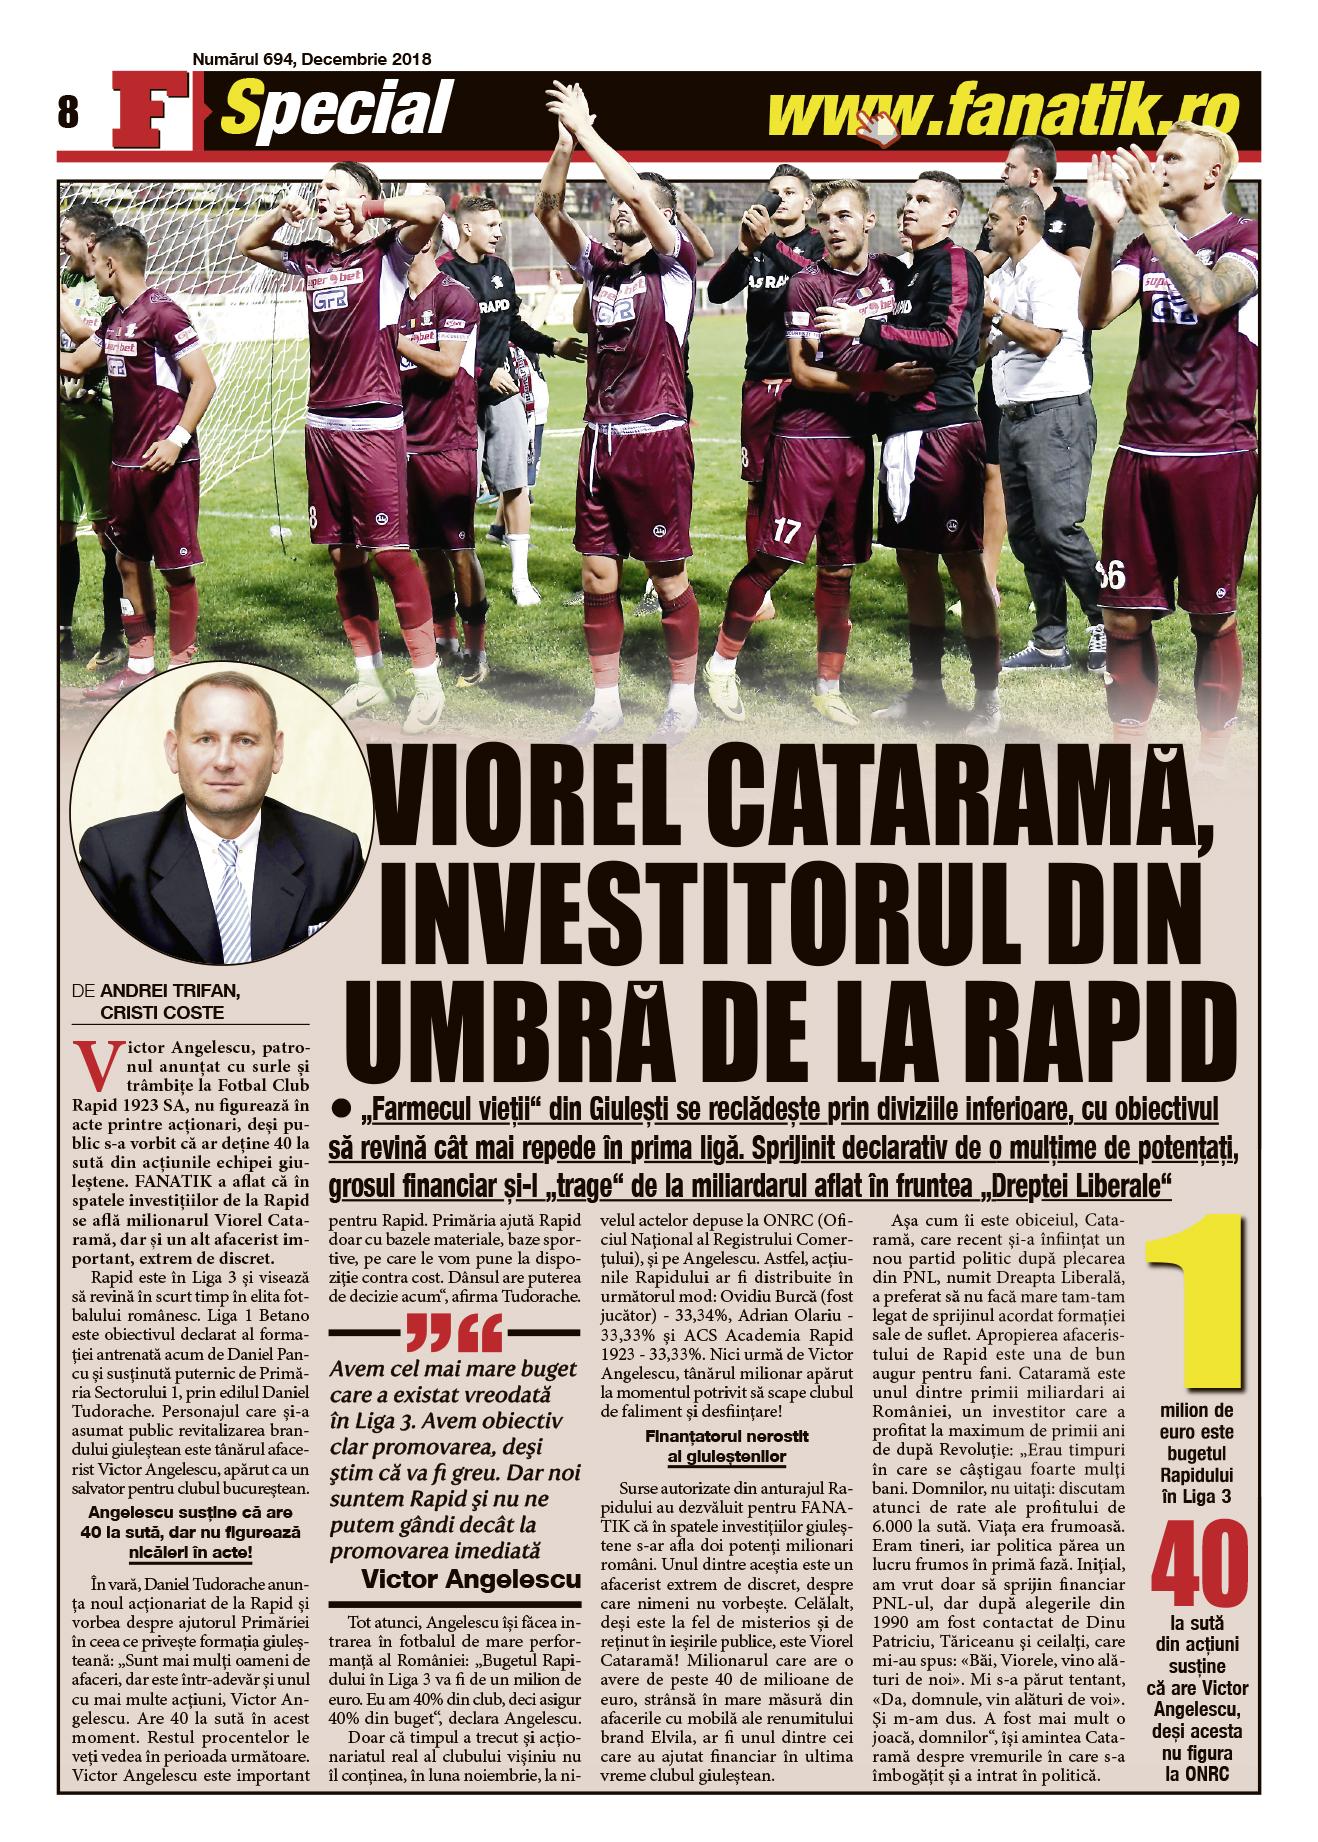 Citiți în revista FANATIK pe decembrie cum a ajuns Viorel Catarmă investitorul din umbră al Rapidului! Și mai este încă un milionar care bagă bani la Rapid!